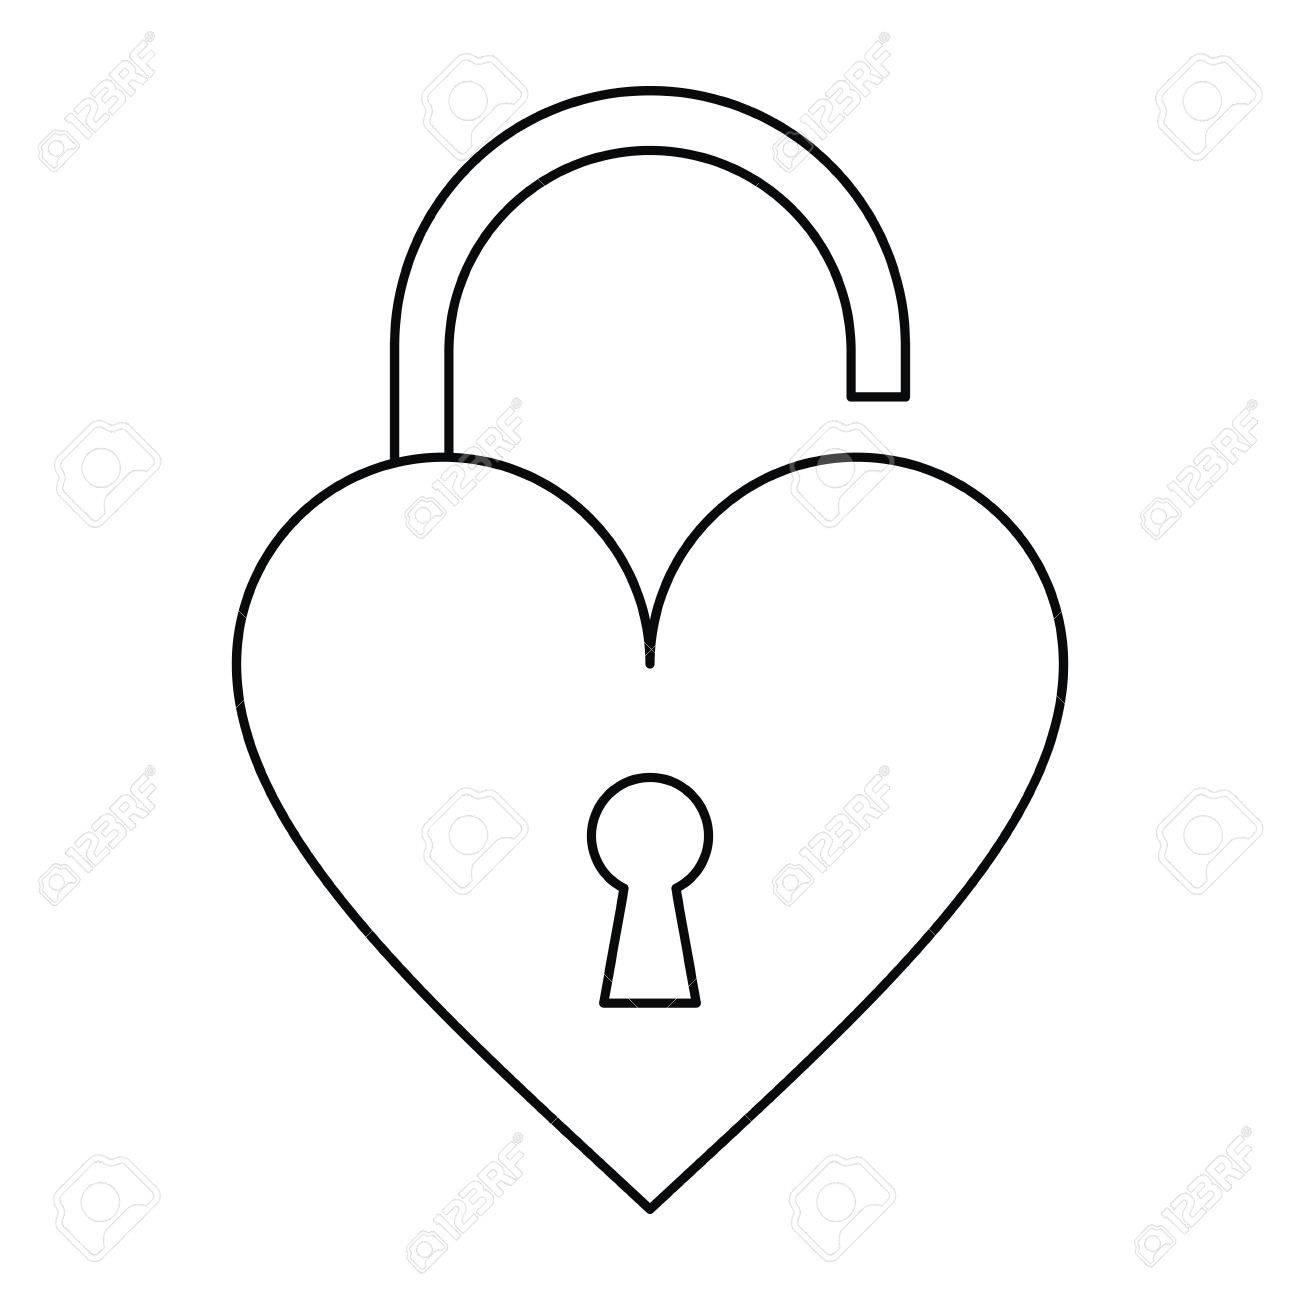 1300x1300 Padlock Open Shaped Heart Loved Outline Vector Illustration Eps